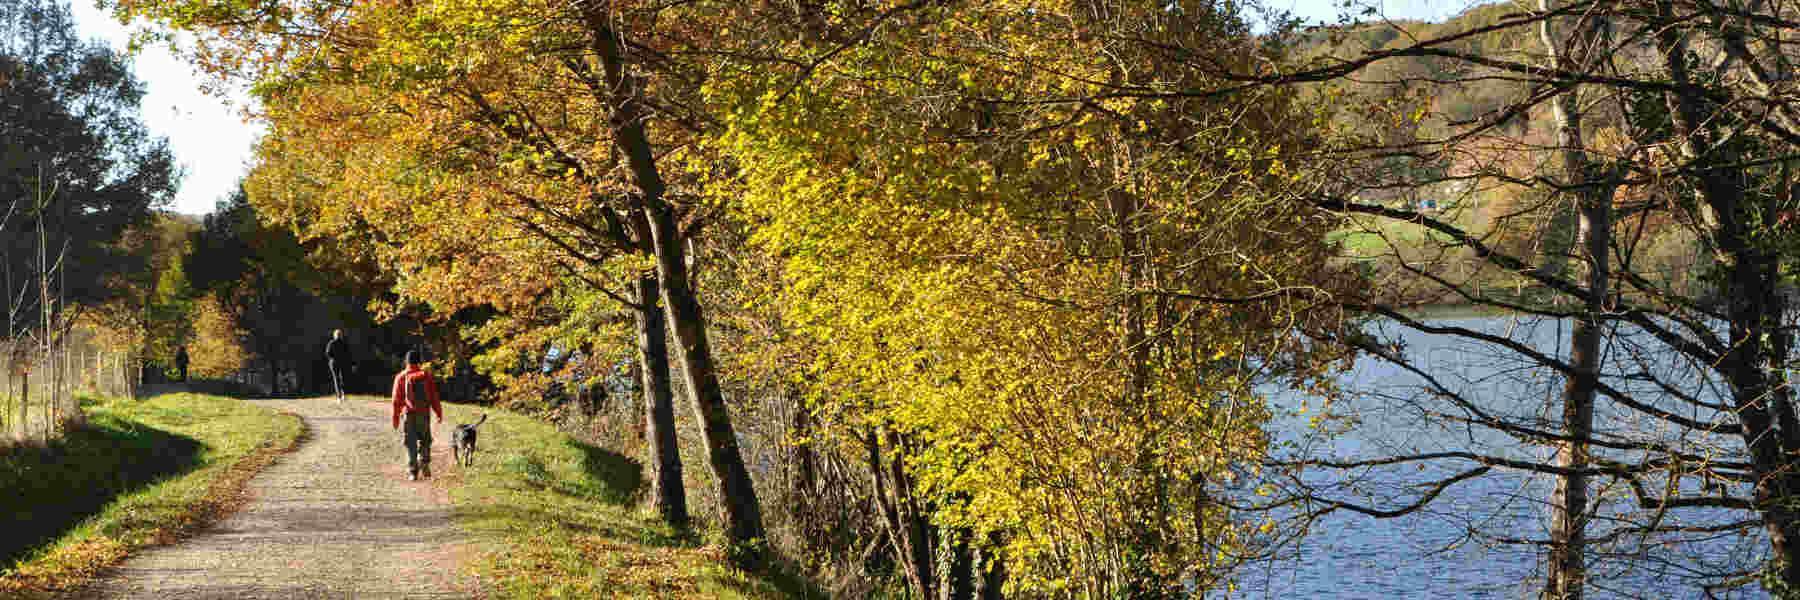 La randonnée pédestre à Lissac-sur-Couze